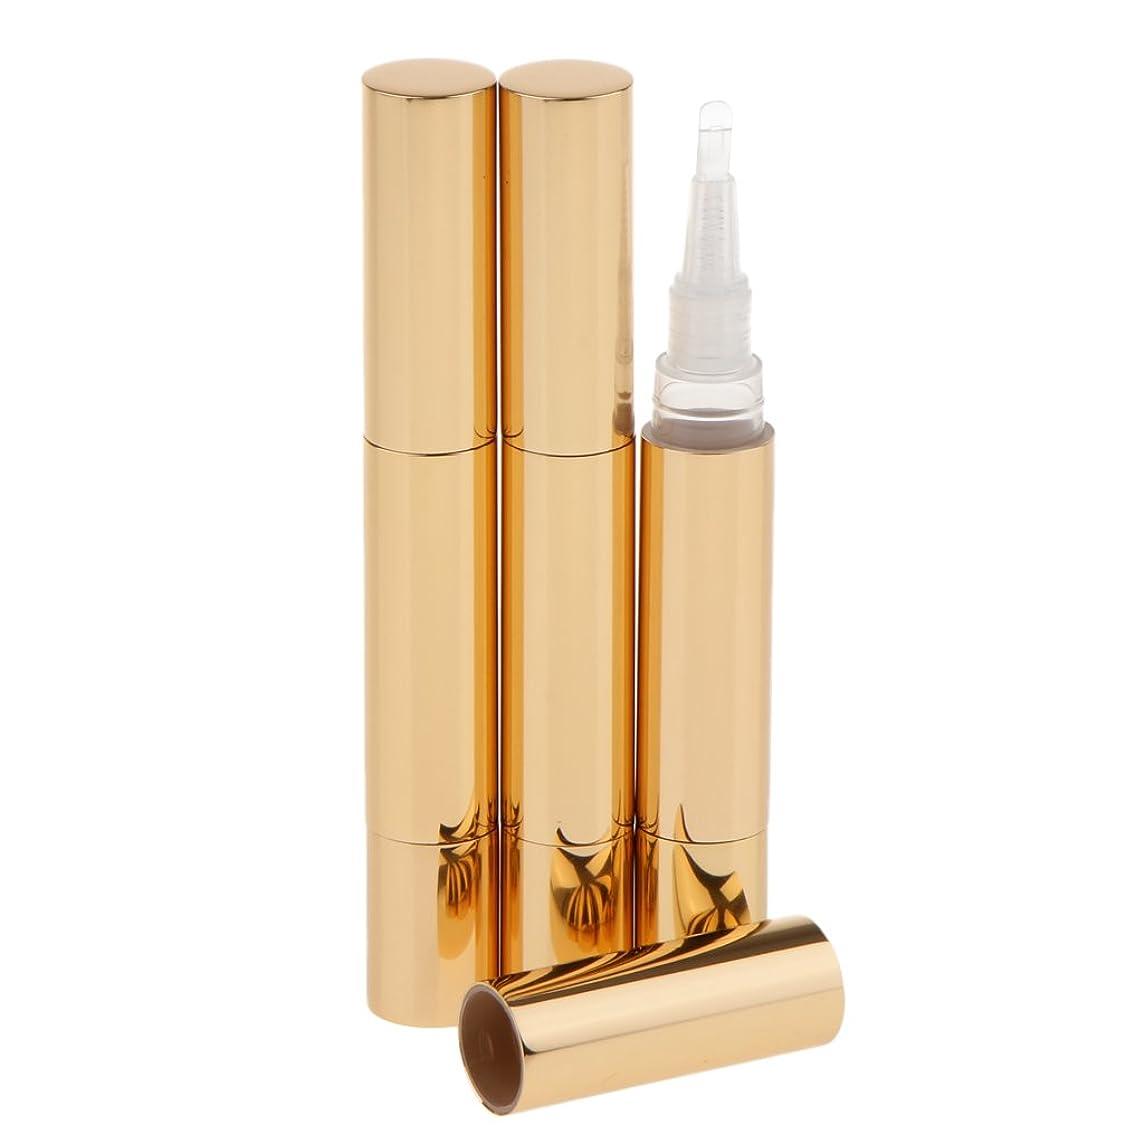 裏切り者変形する慈善Kesoto 3本 ツイストペン 5ml ツイストペン 化粧管 容器 リップグロス 詰め替え用 バイアル 3色選べる - ゴールド